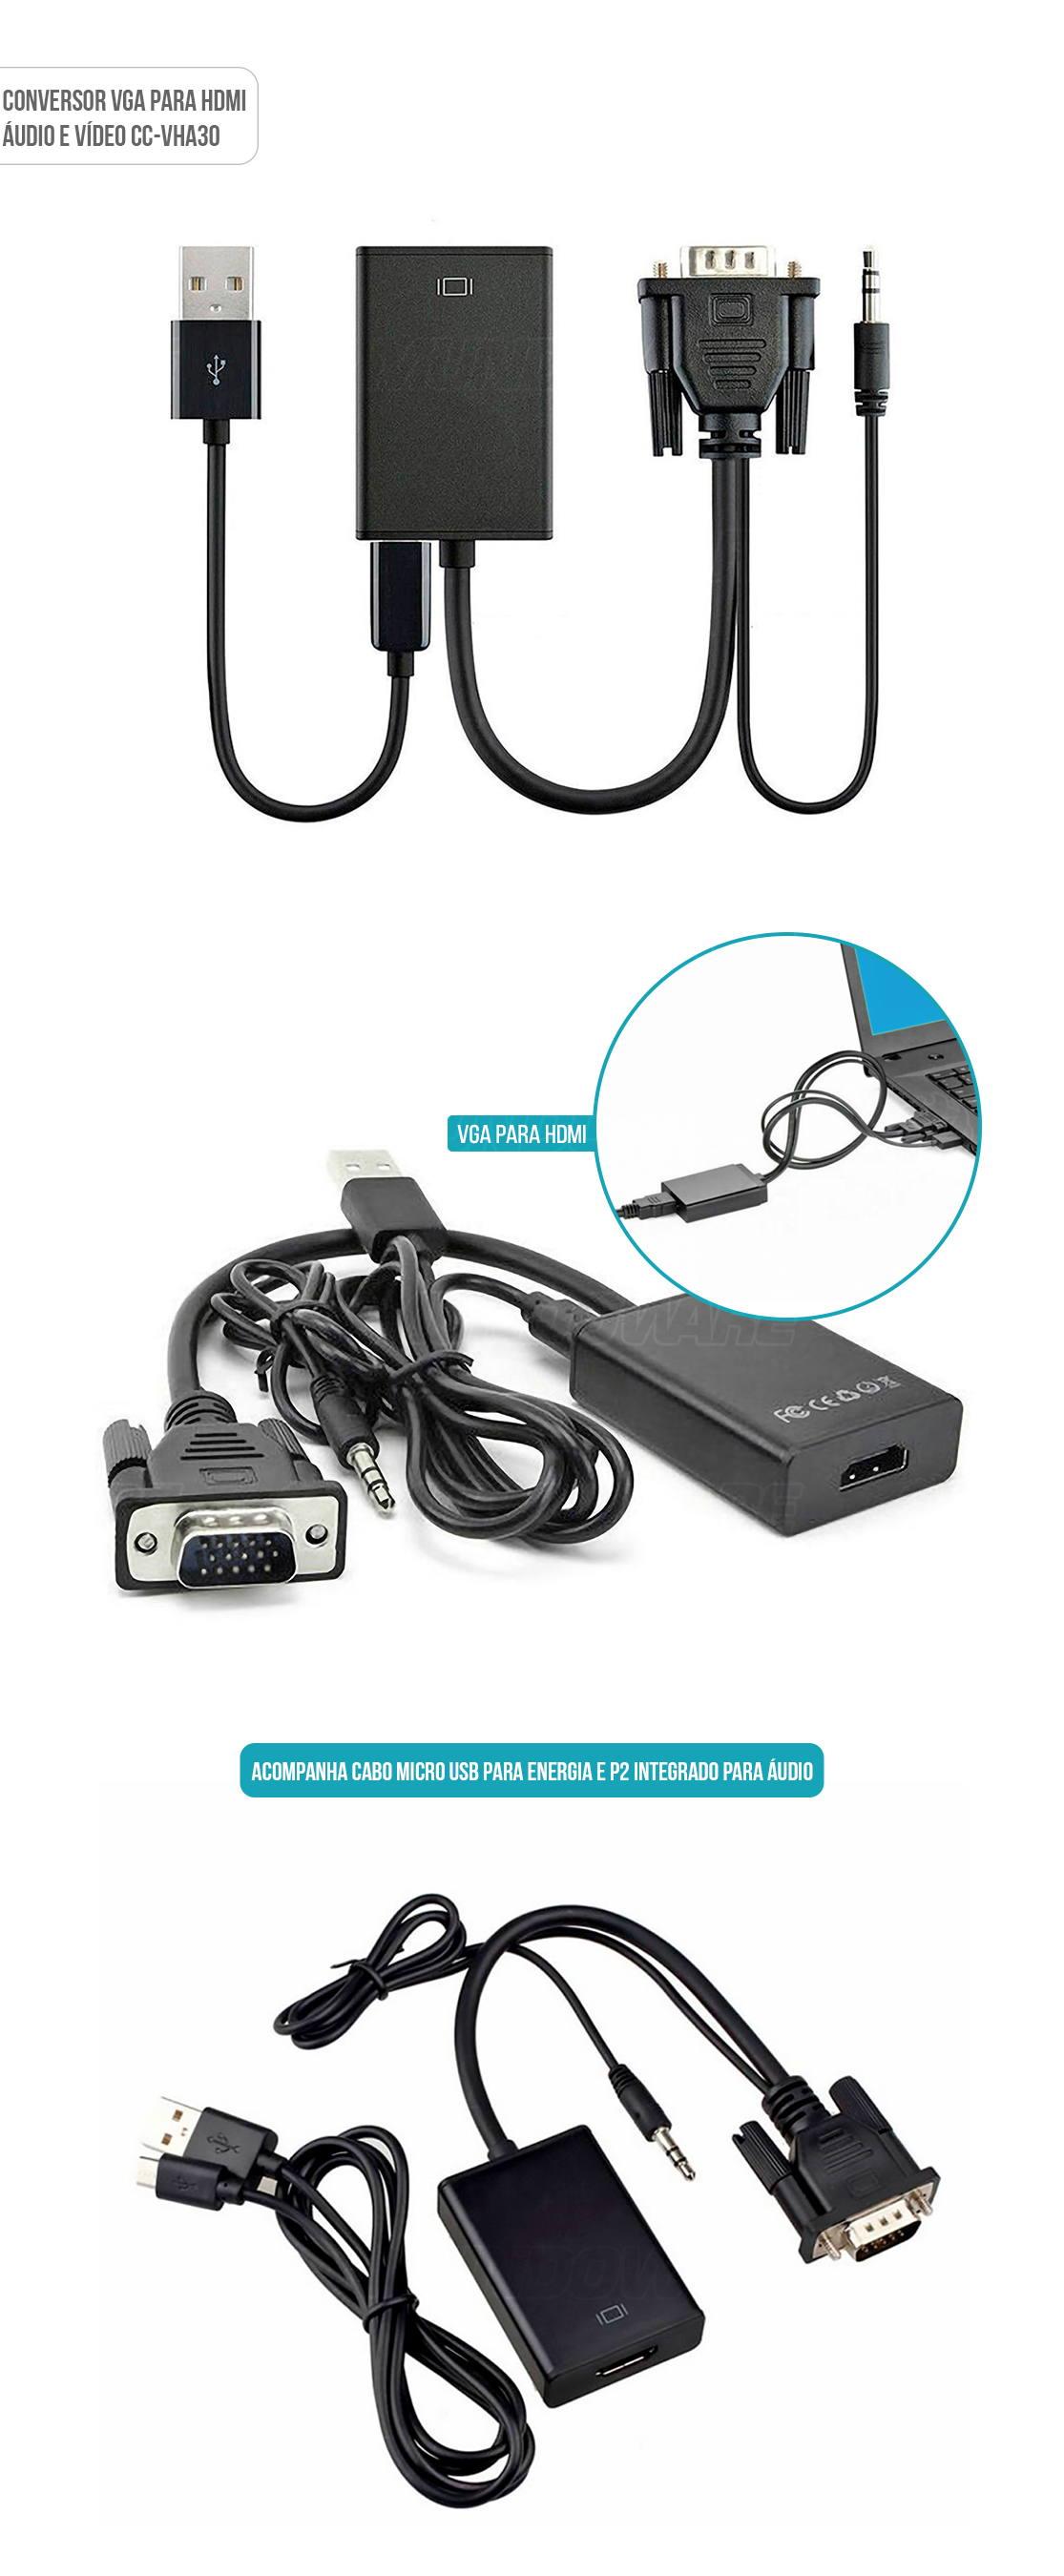 Adaptador VGA para HDMI com Áudio e Vídeo 1080p Alimentação por USB